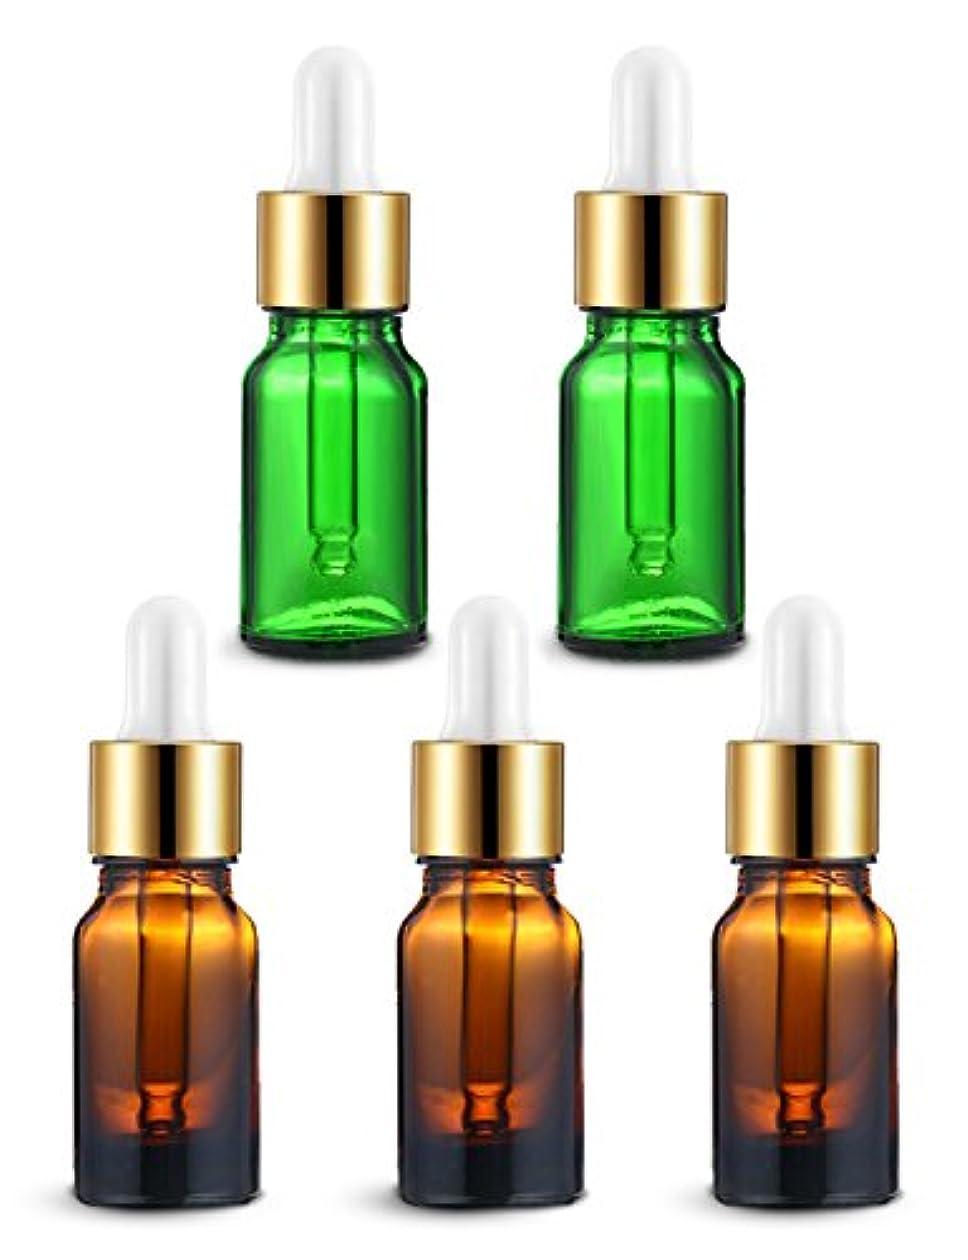 ひばり寓話代替案ENERG アロマディフューザー(全機種適応) ネブライザー式 スポイト付き精油瓶 緑2個?ブラウン3個 アロマ瓶 10ml 5個セット